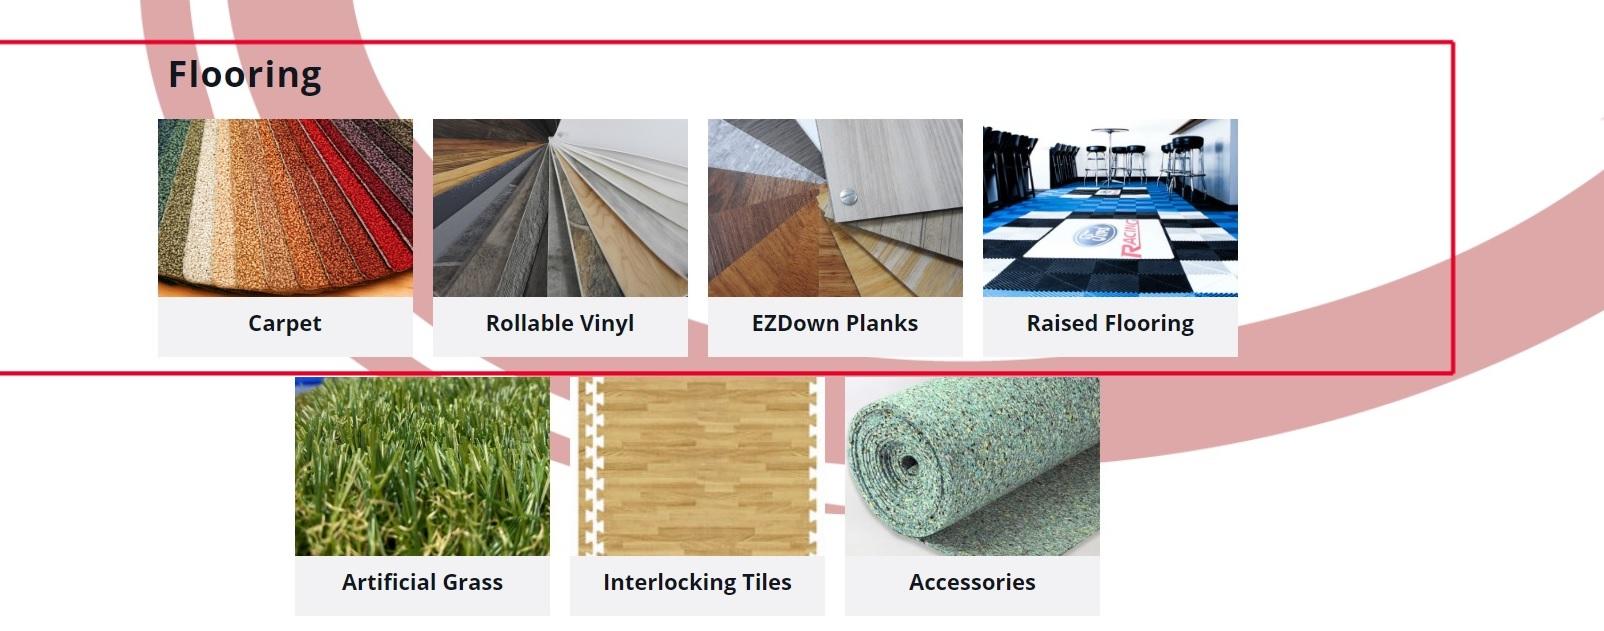 flooring-banner-image-wide2.jpg